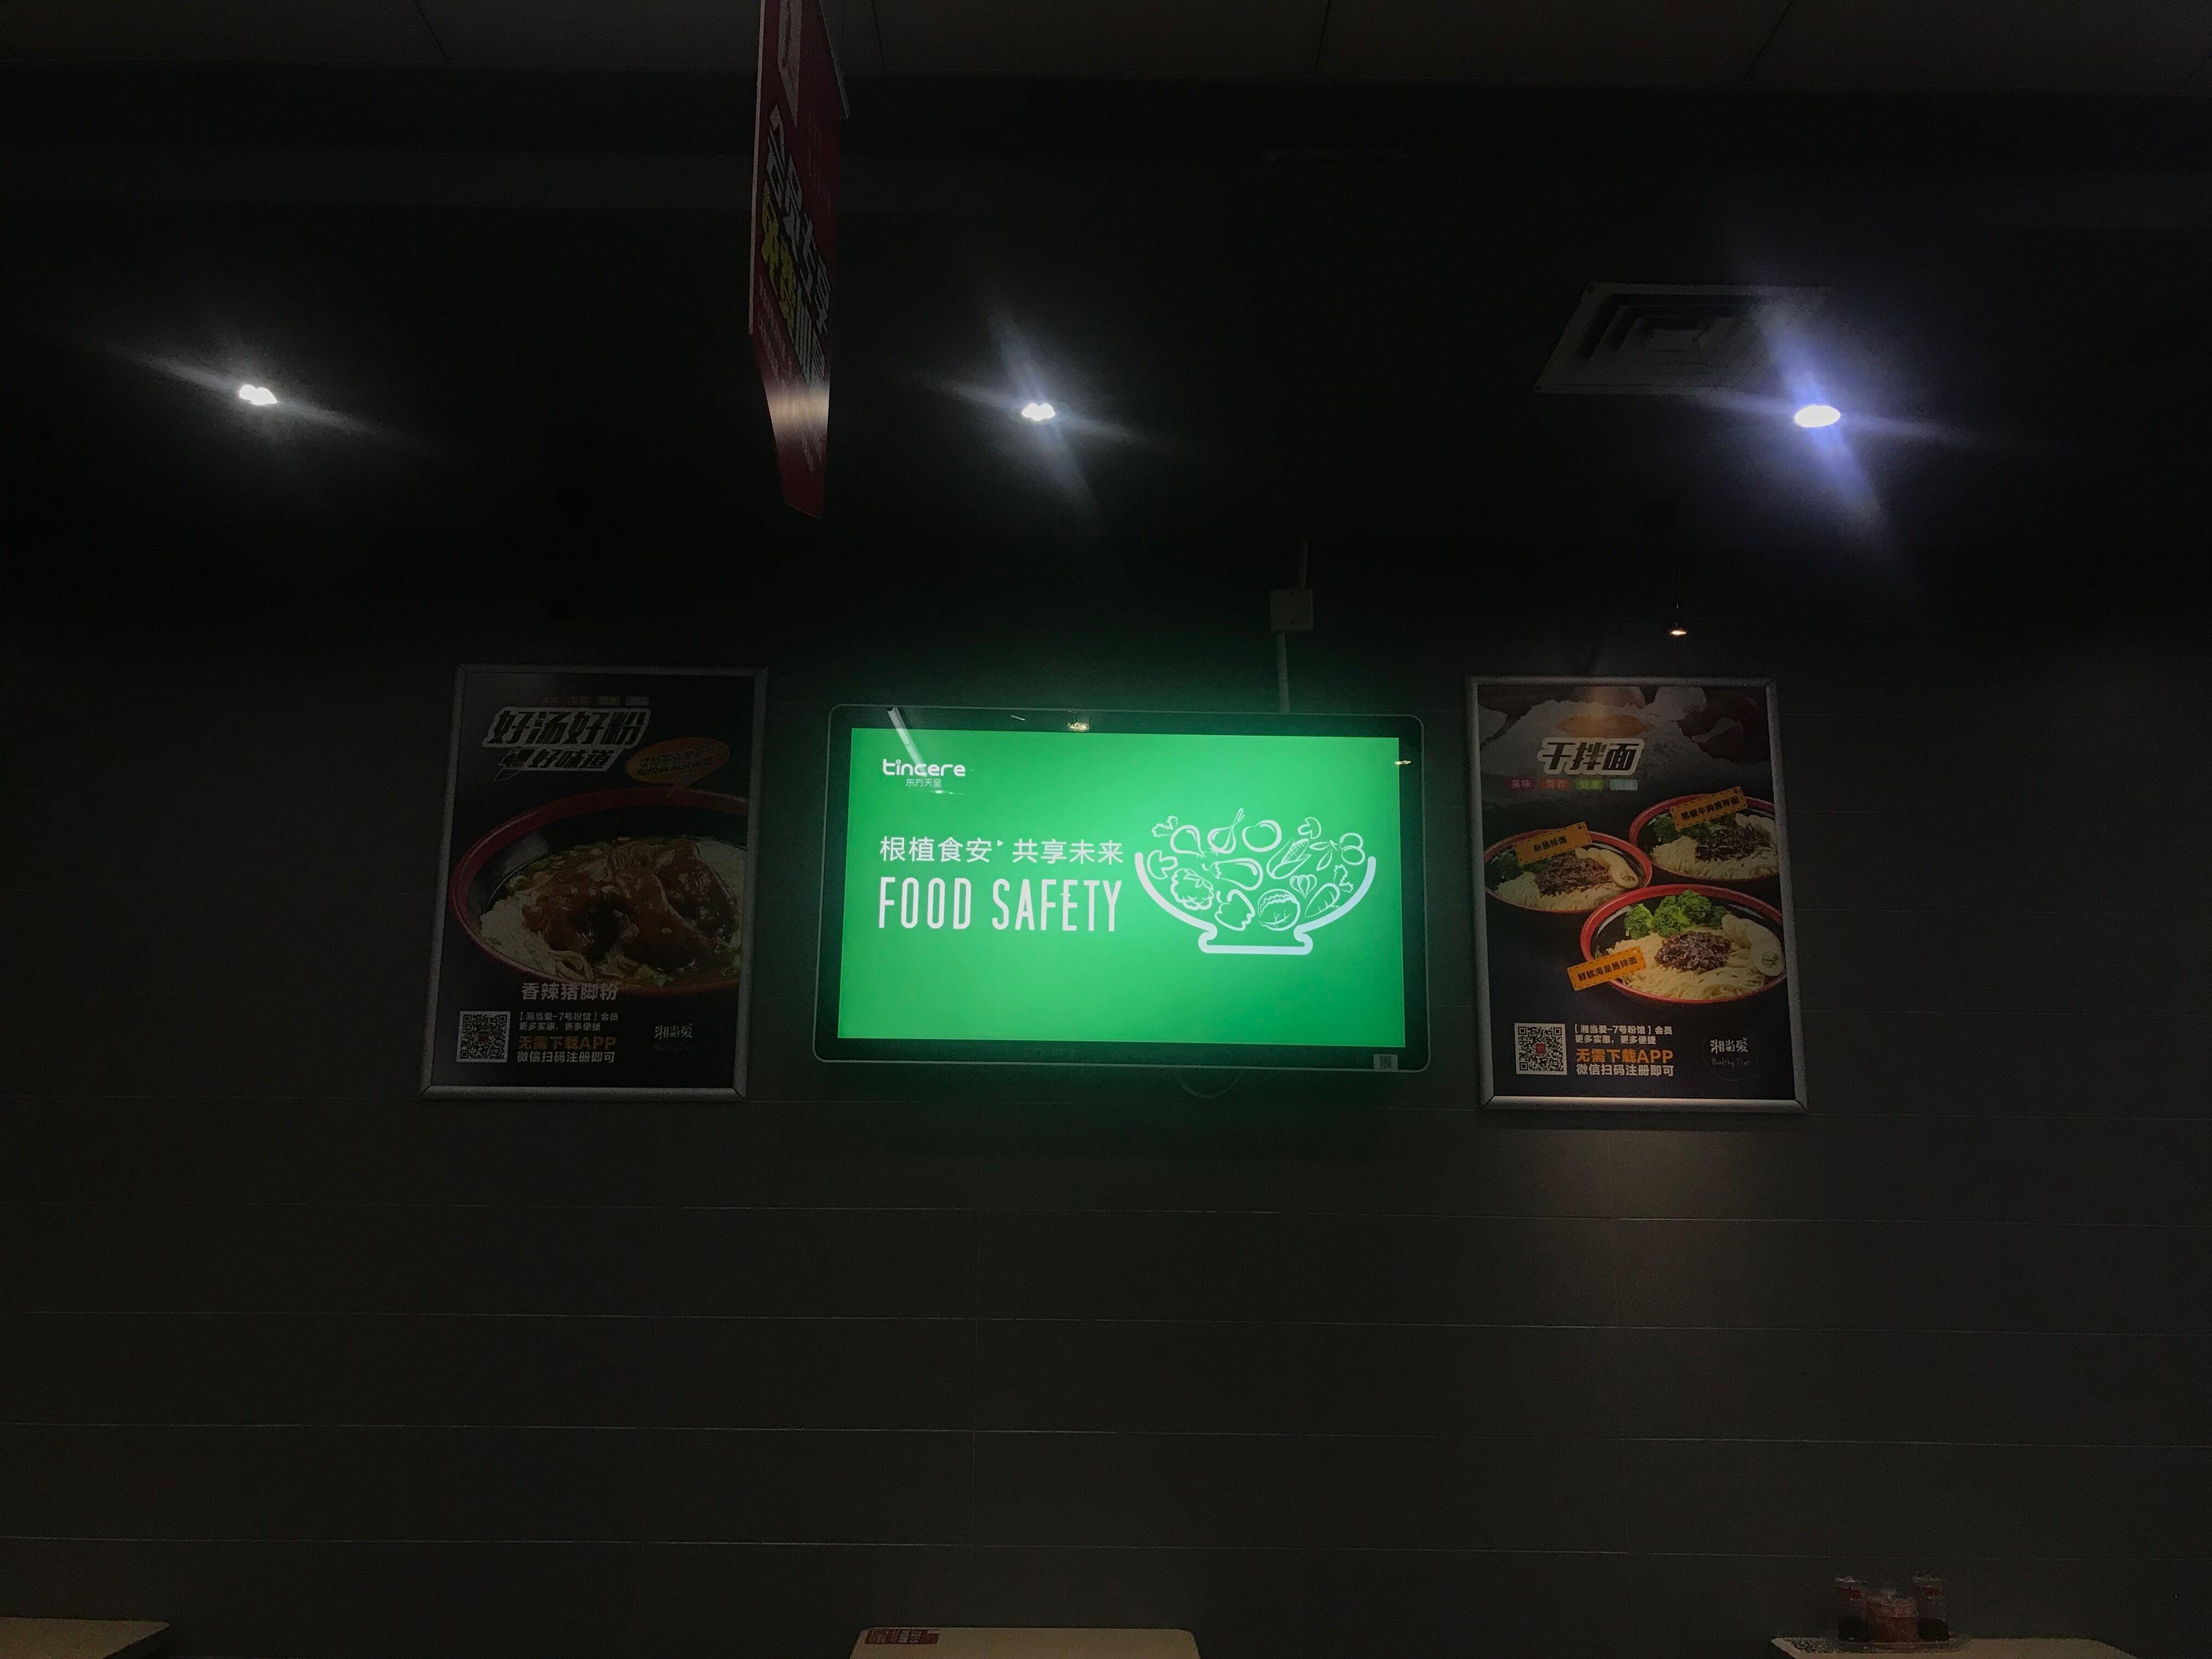 55寸壁挂楼宇广告机入驻深圳七号粉馆(图文)